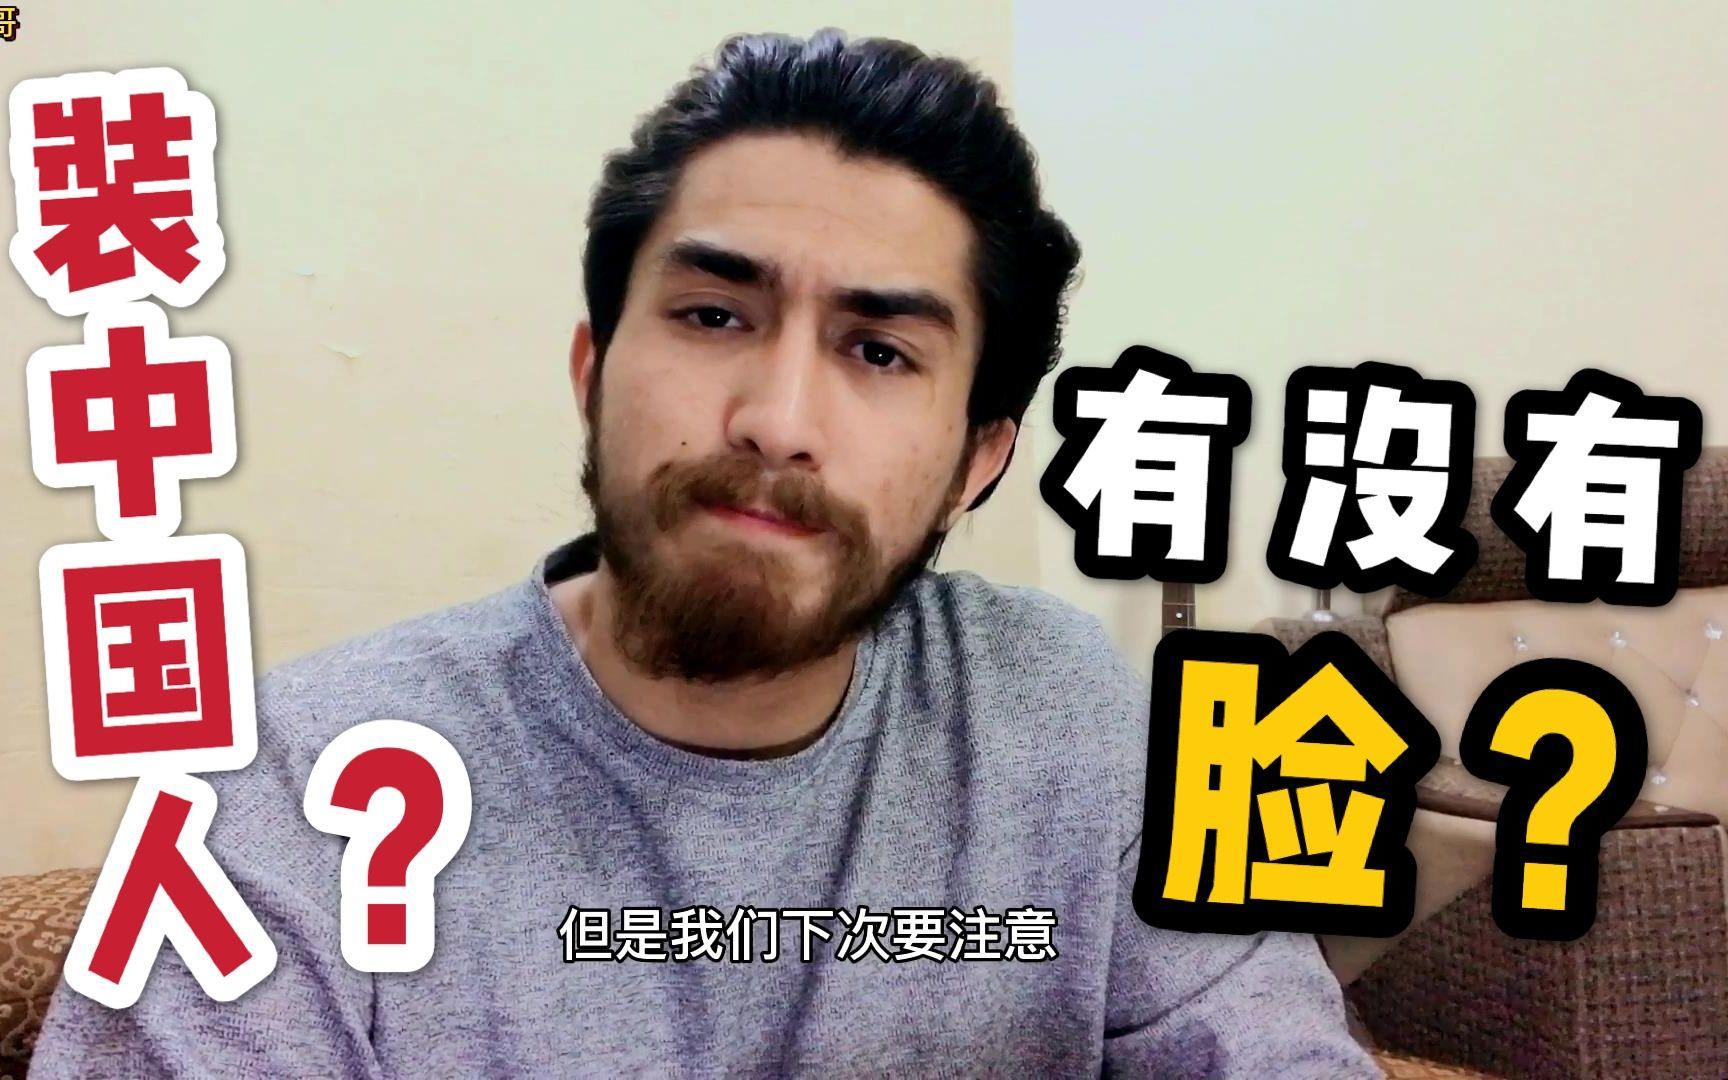 当我知道有日本人,到我们国家装中国人后,我整个人都不好了!